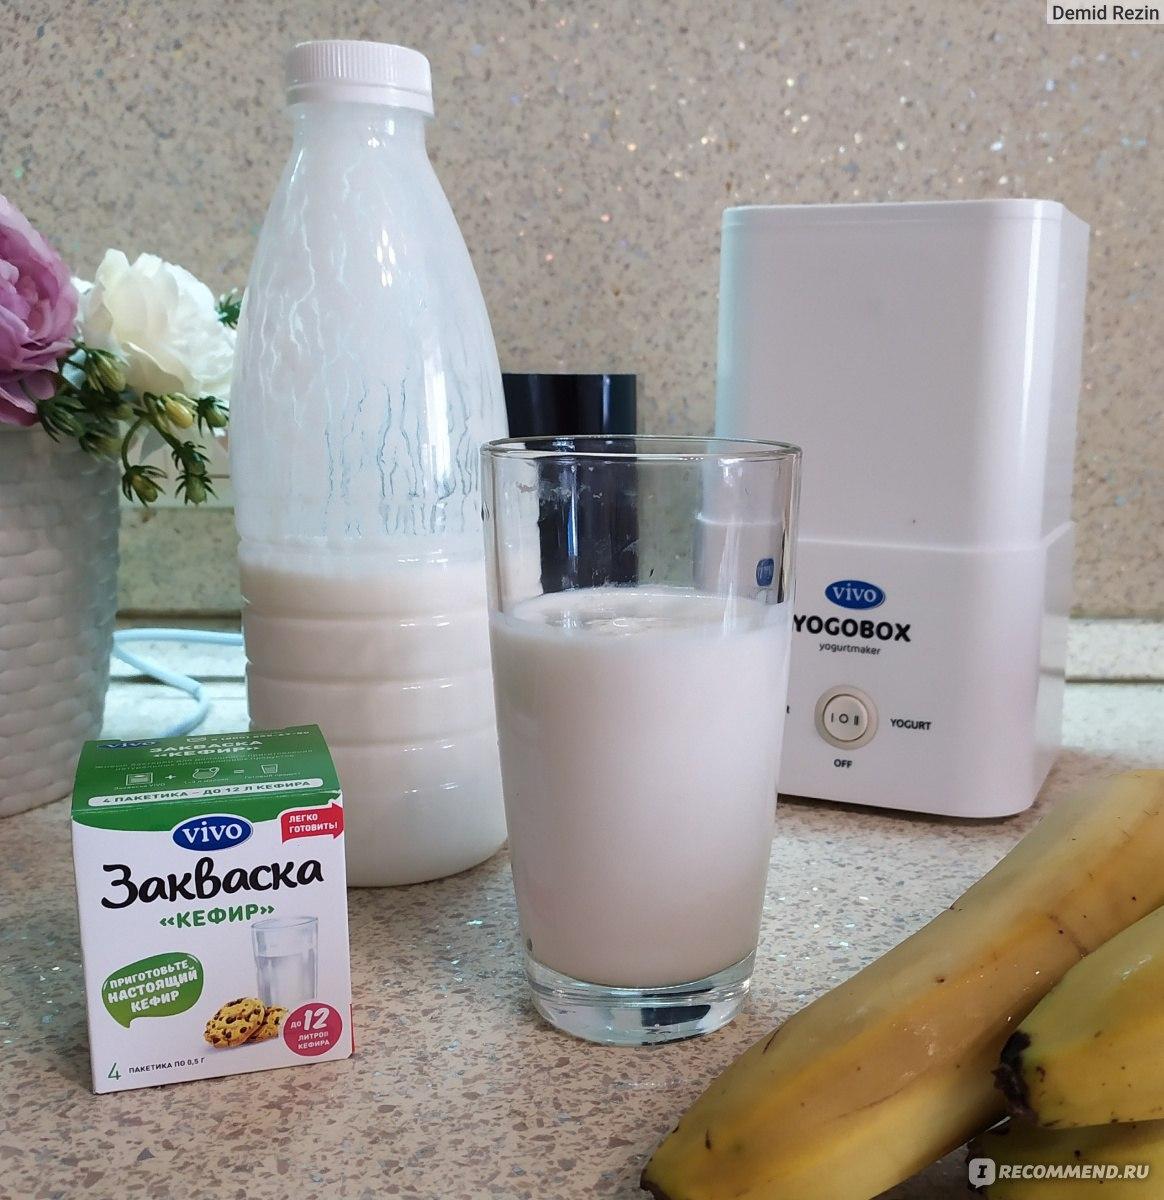 Закваска для йогурта - где купить. лучшие закваски и рецепты приготовления йогуртов в домашних условиях с фото